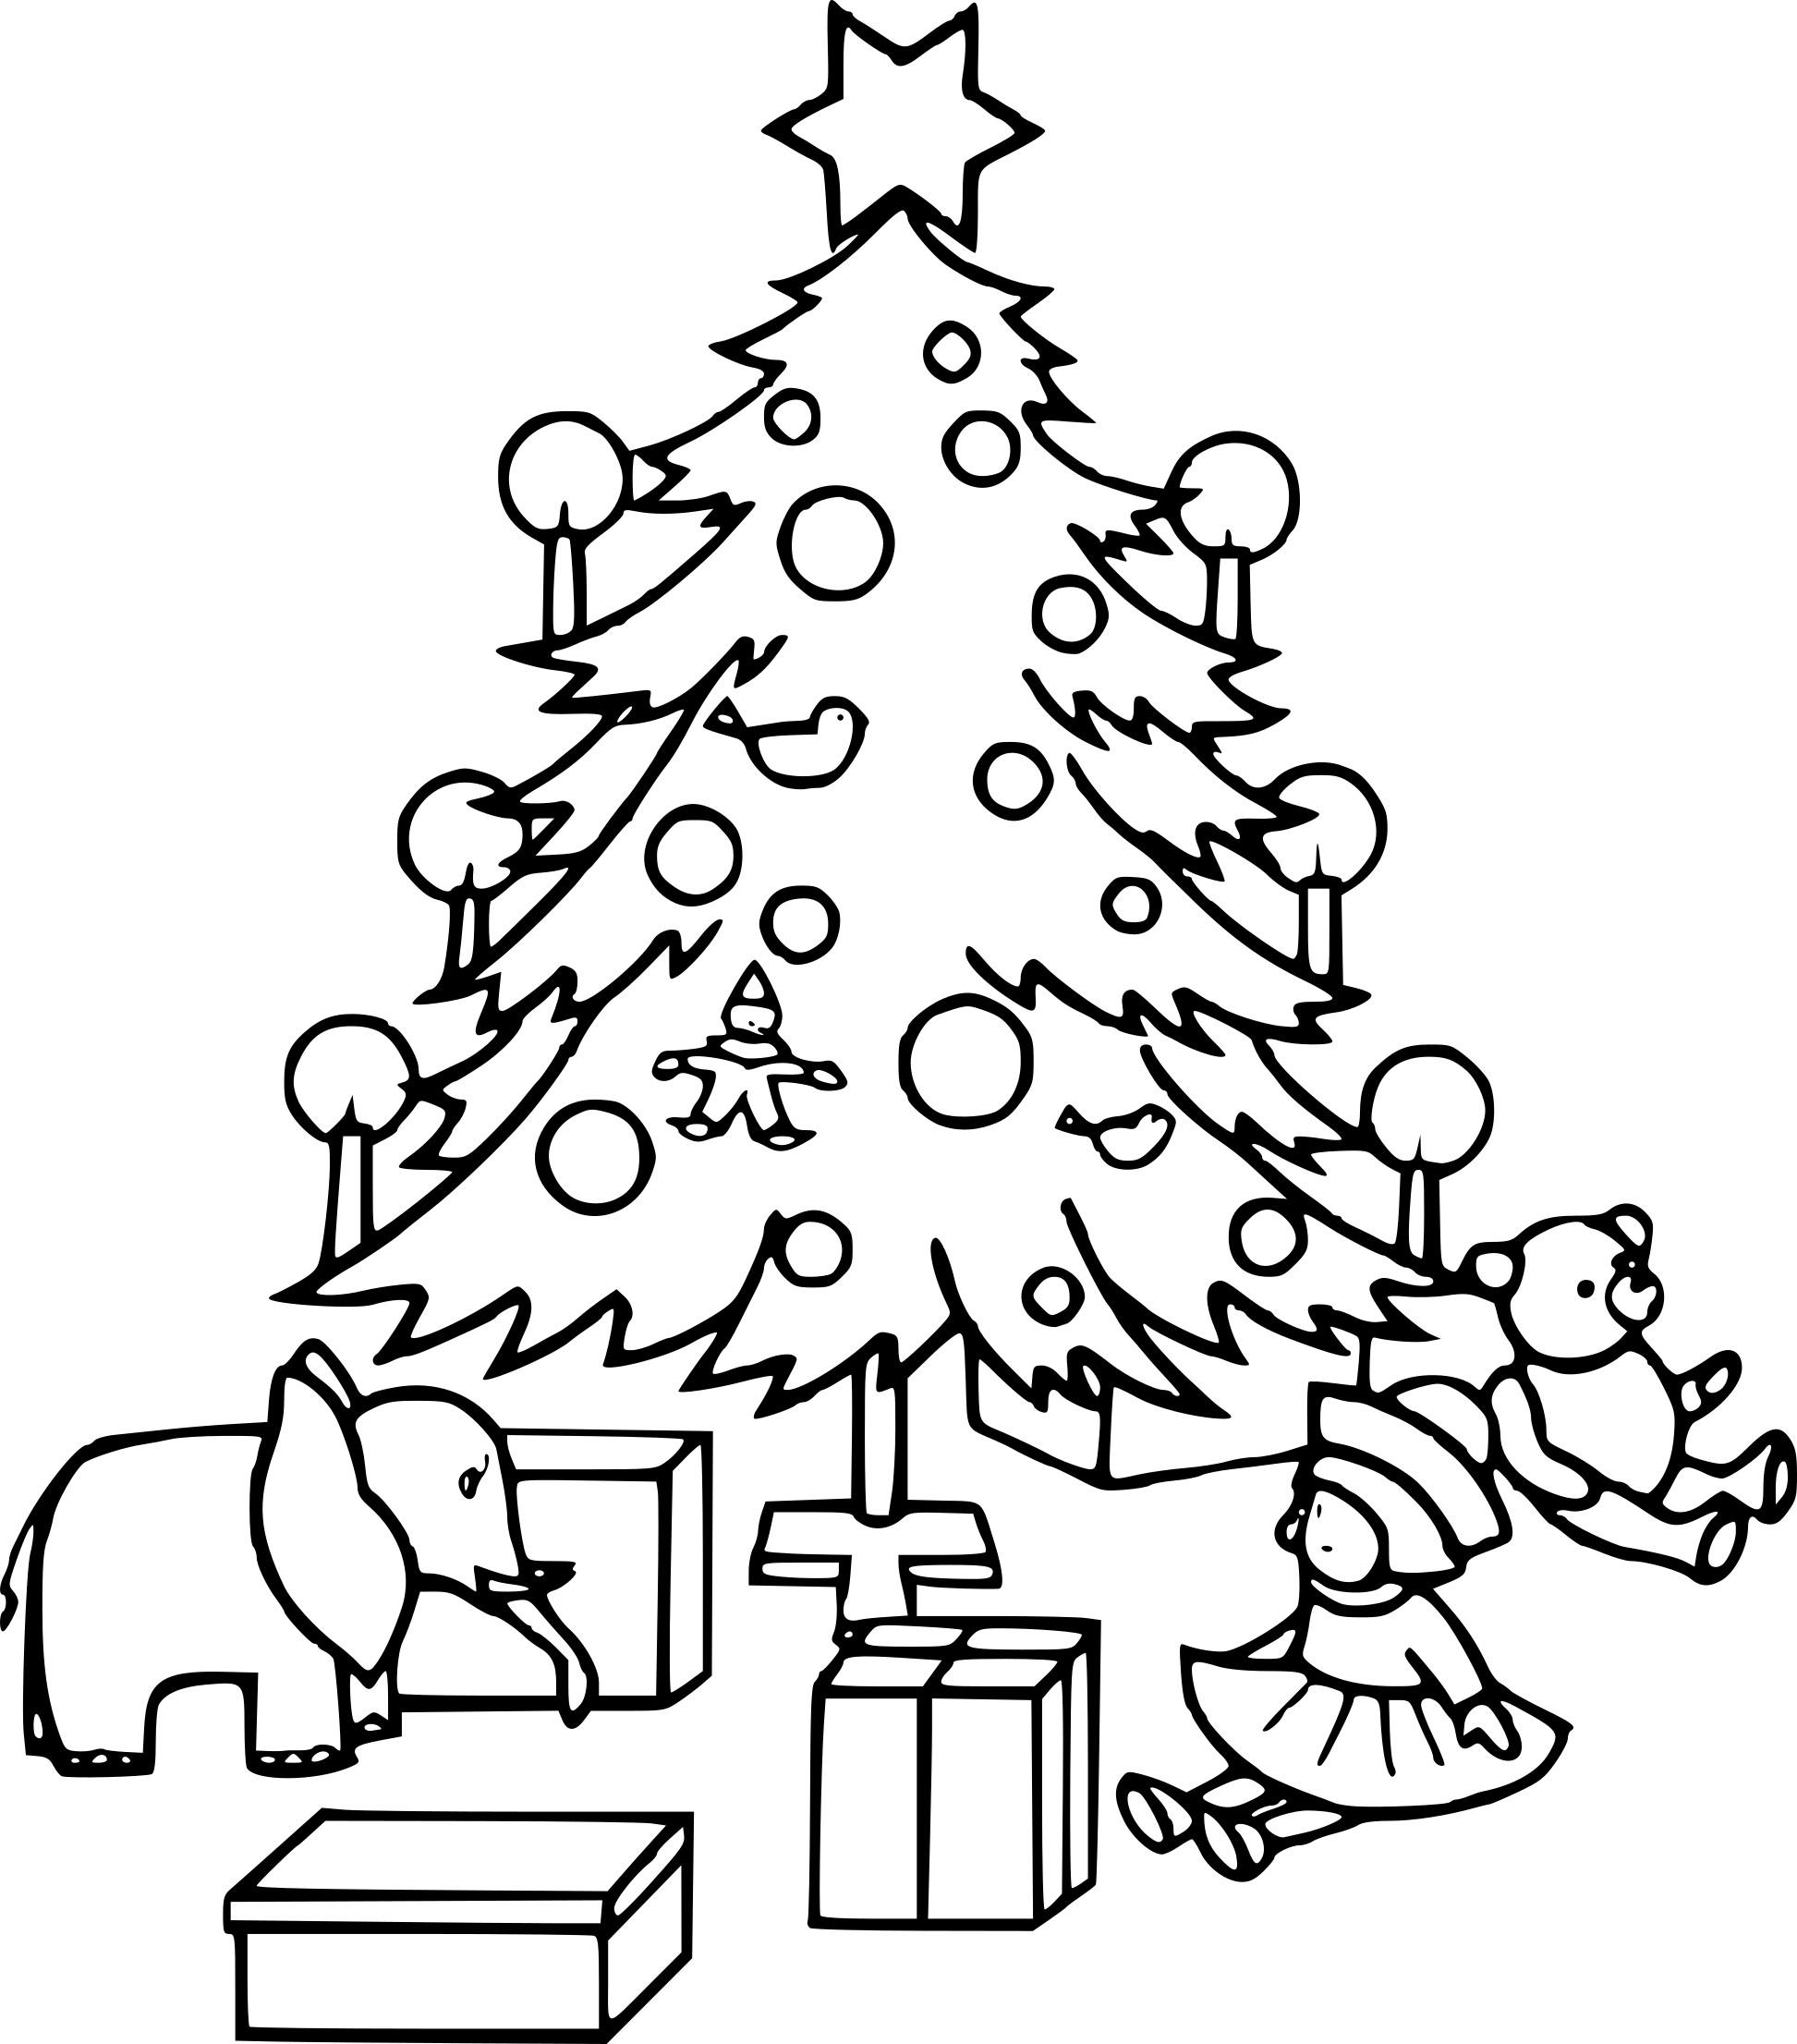 Coloriage Sapin De Noel Gratuit À Imprimer serapportantà Coloriage De Sapin De Noel A Imprimer Gratuit